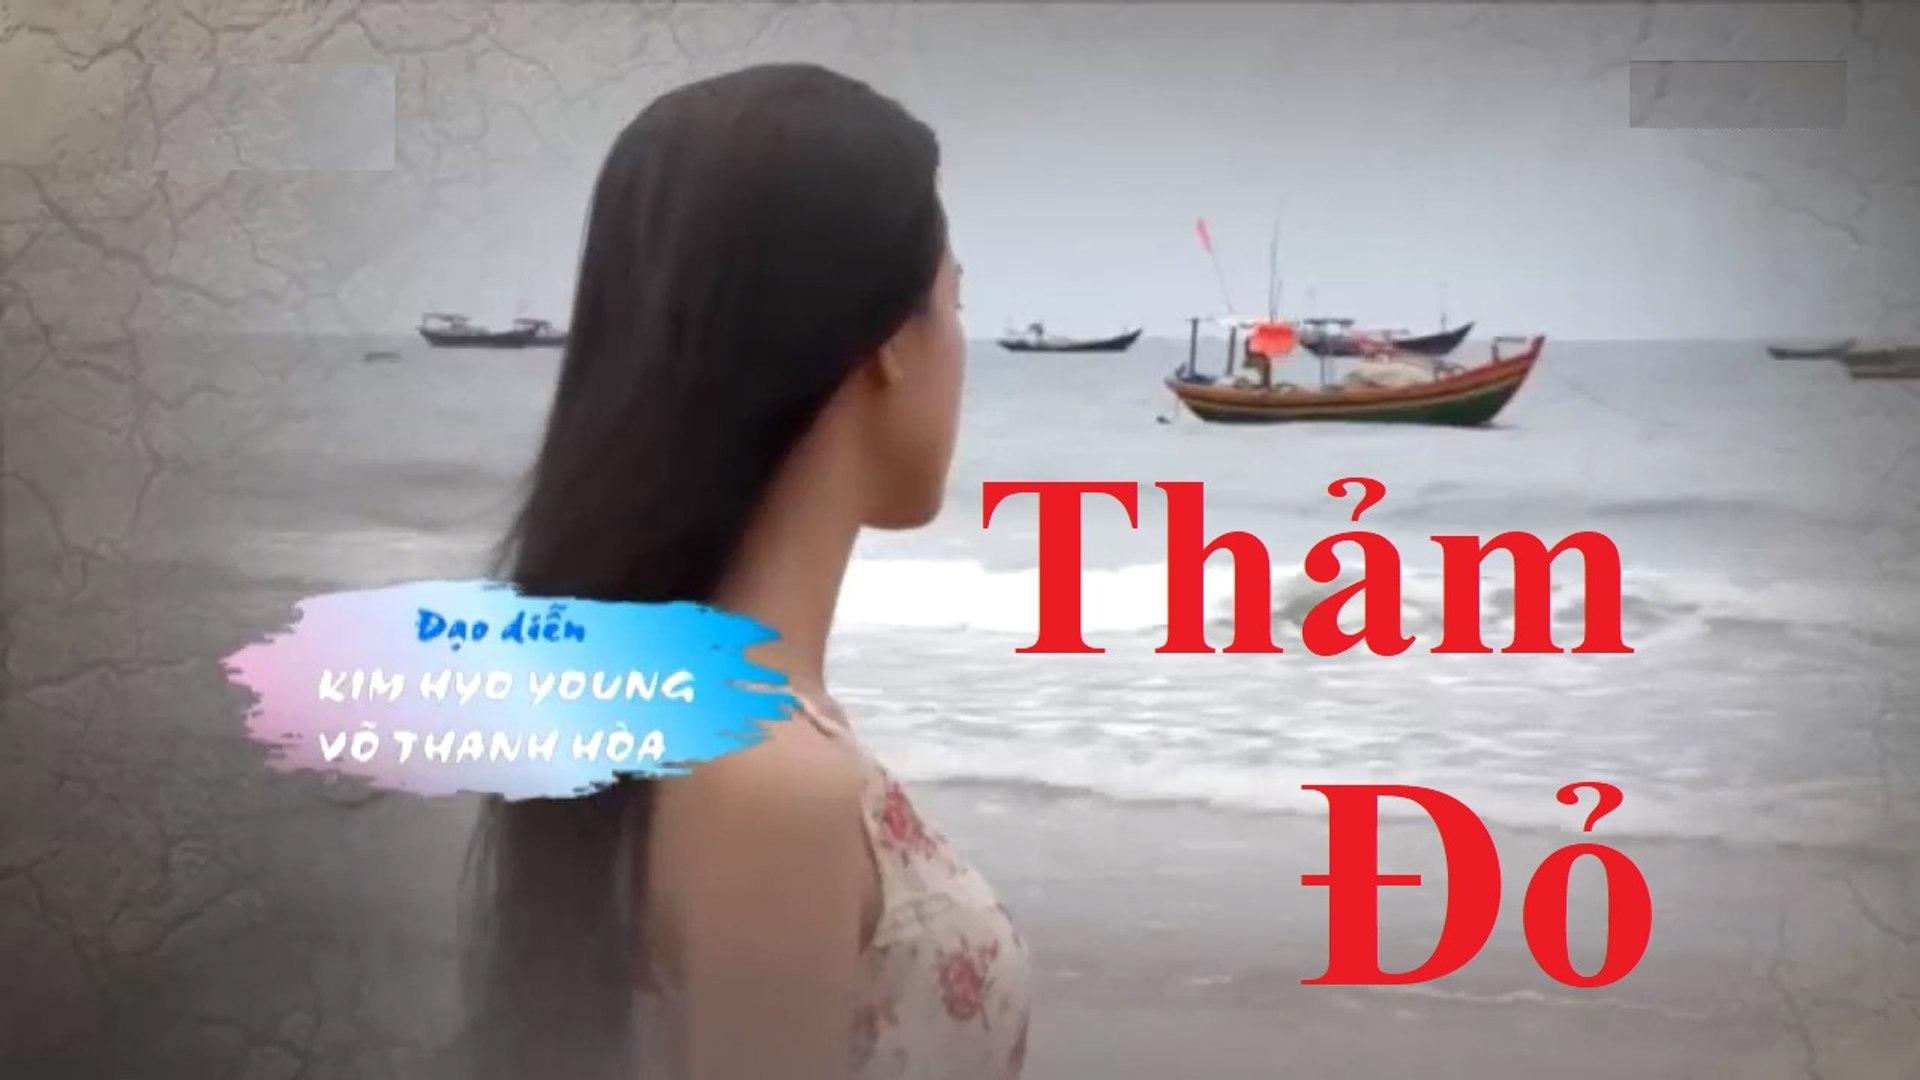 Phim truyện- Thảm đỏ - Tập 31 - Phim Việt Nam